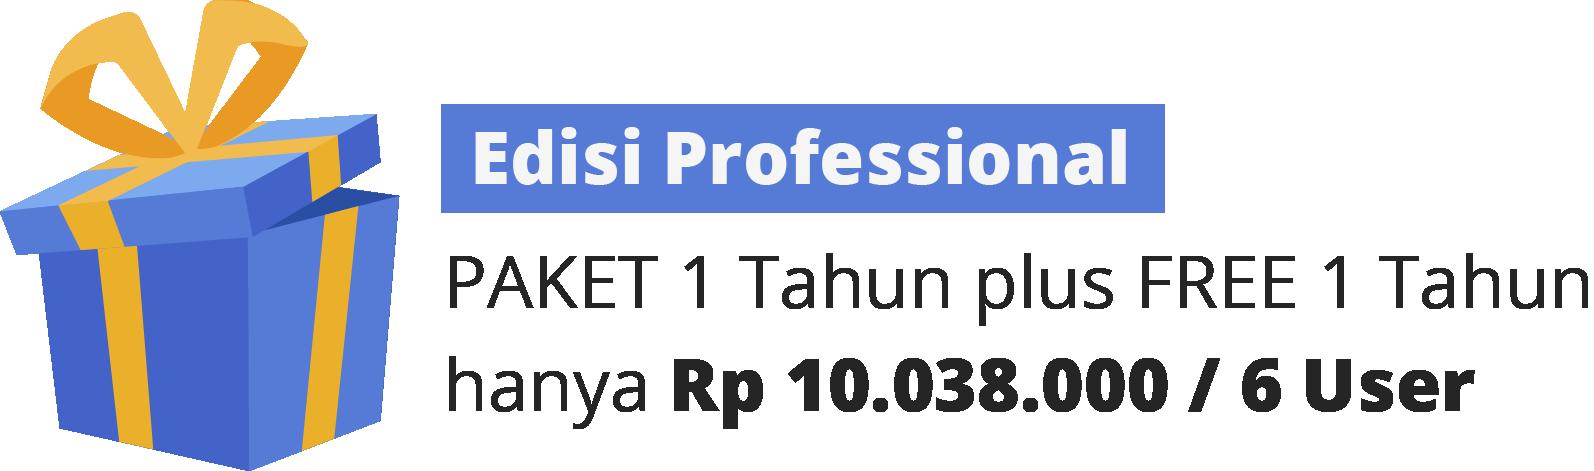 edisi professional